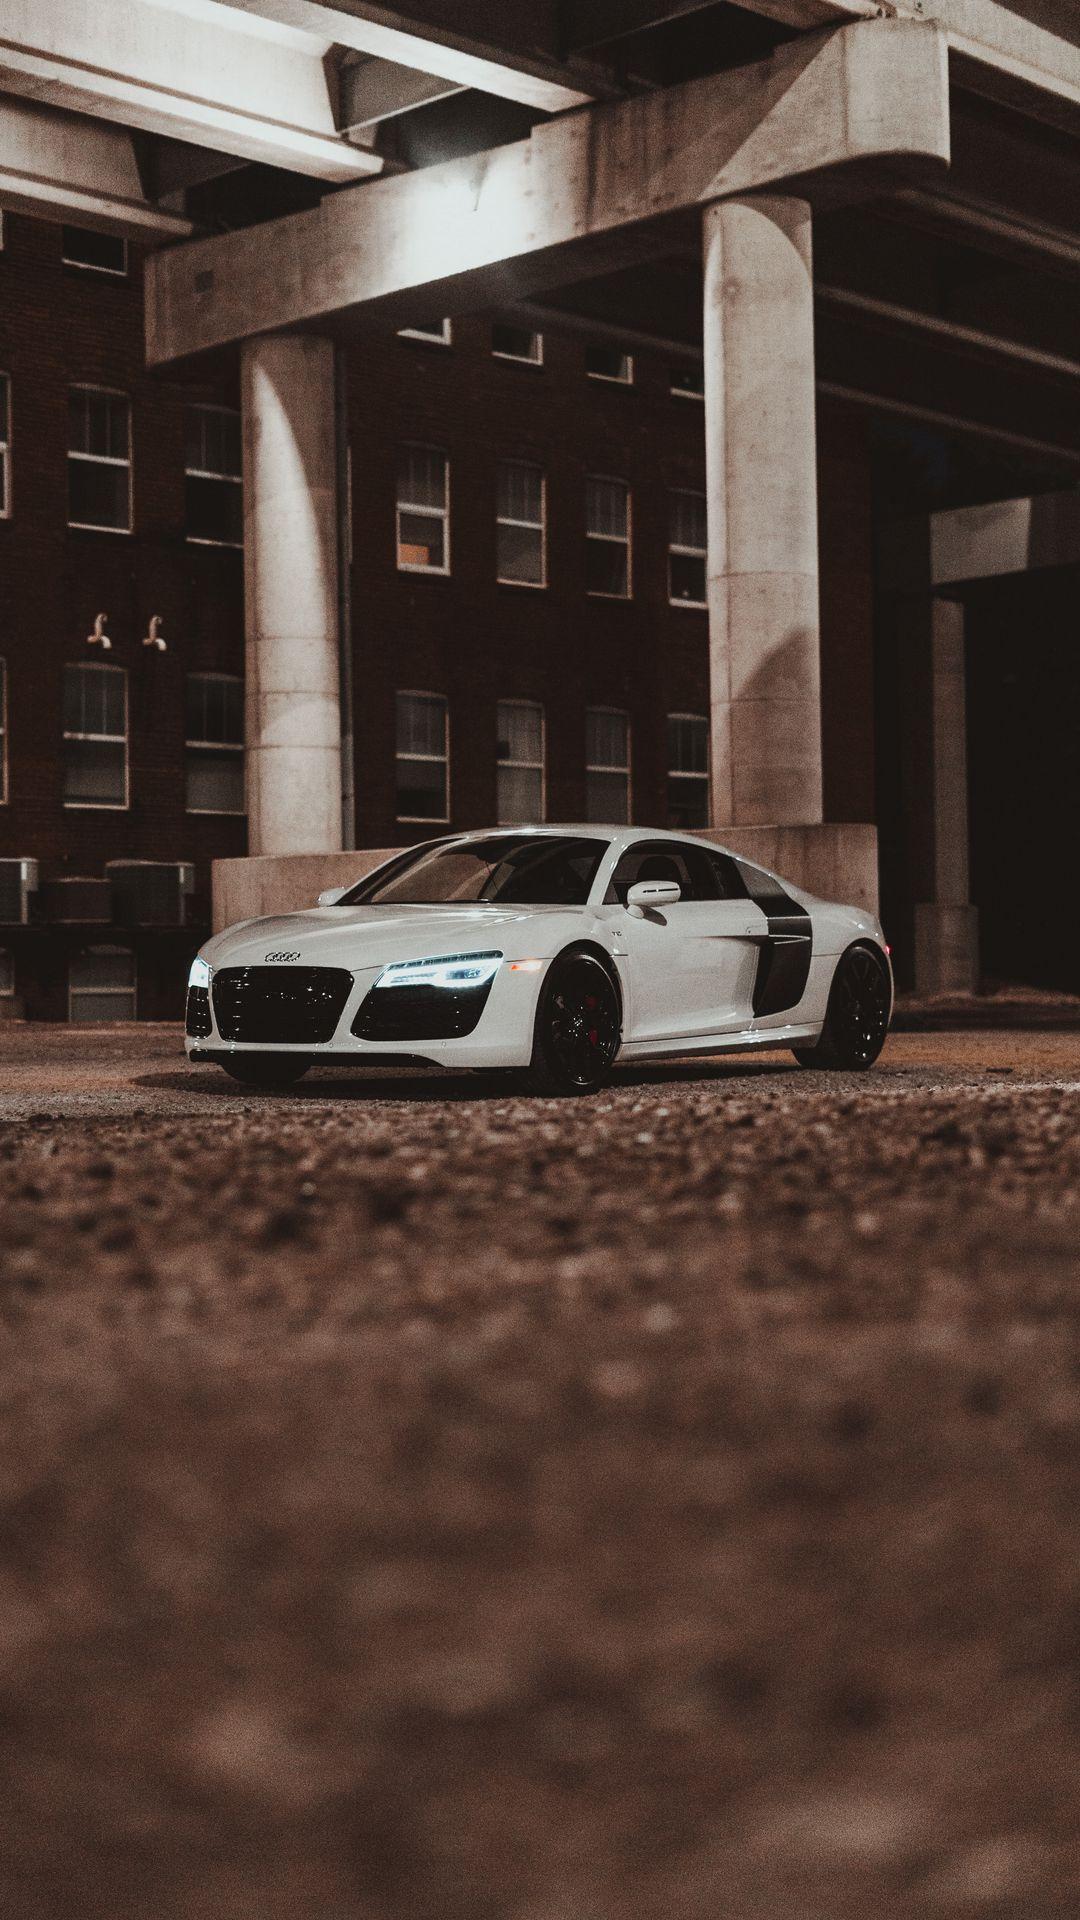 Audi R8 Sport Car Mobile Wallpapers Download